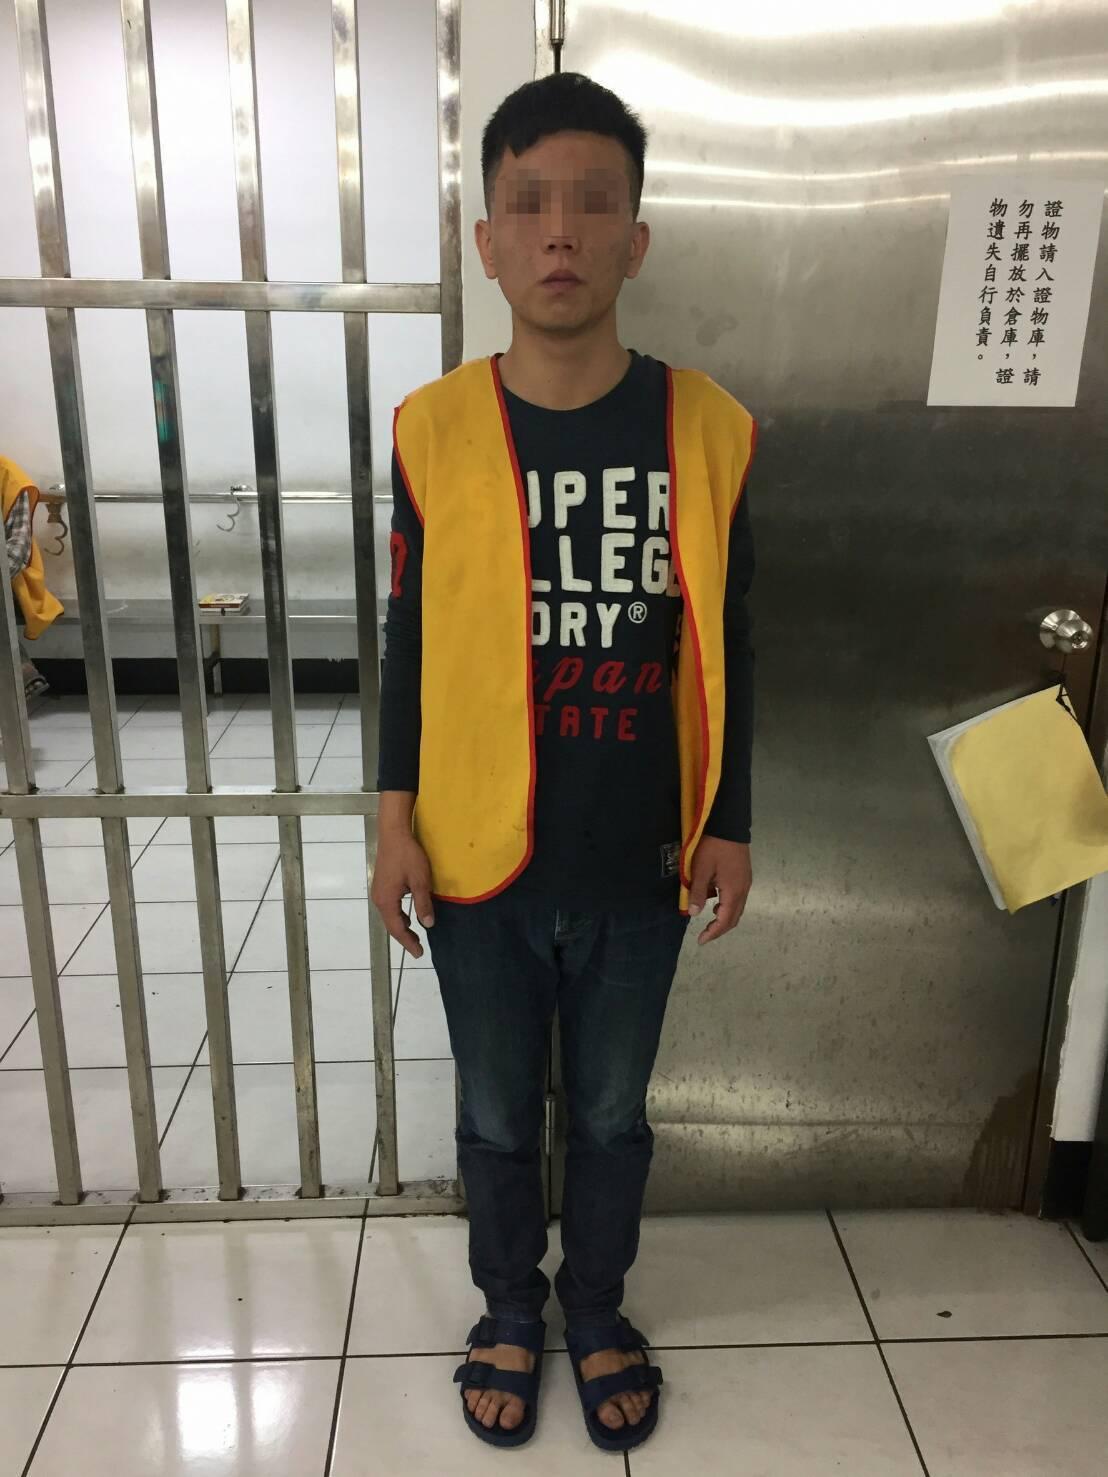 楊男被依妨害公務罪送辦。記者林伯驊/翻攝